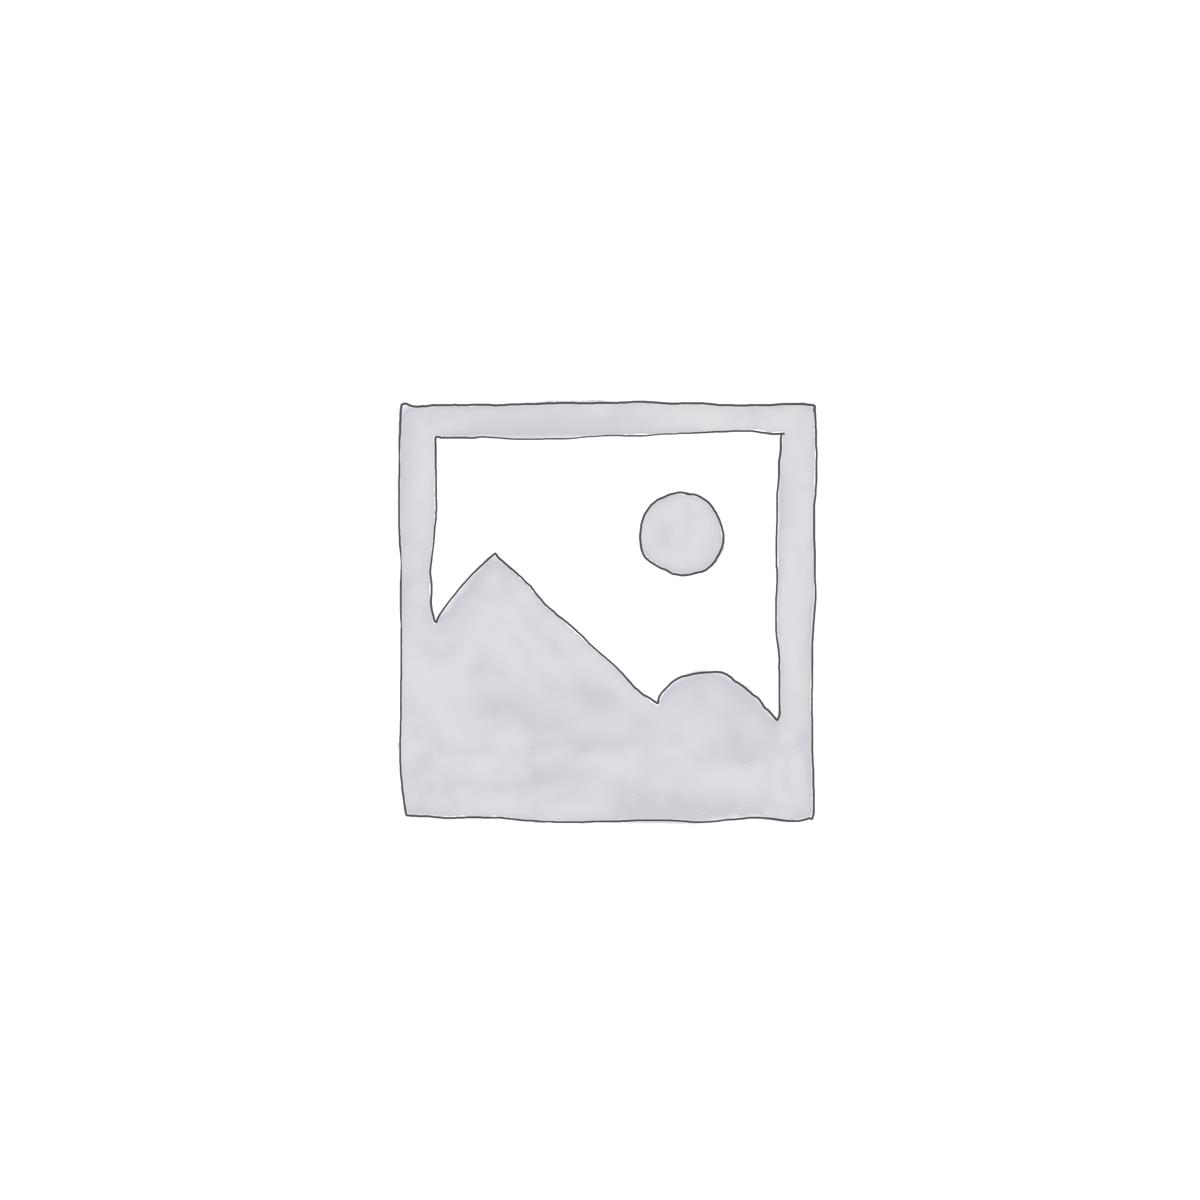 Aluminium With PVC Insert